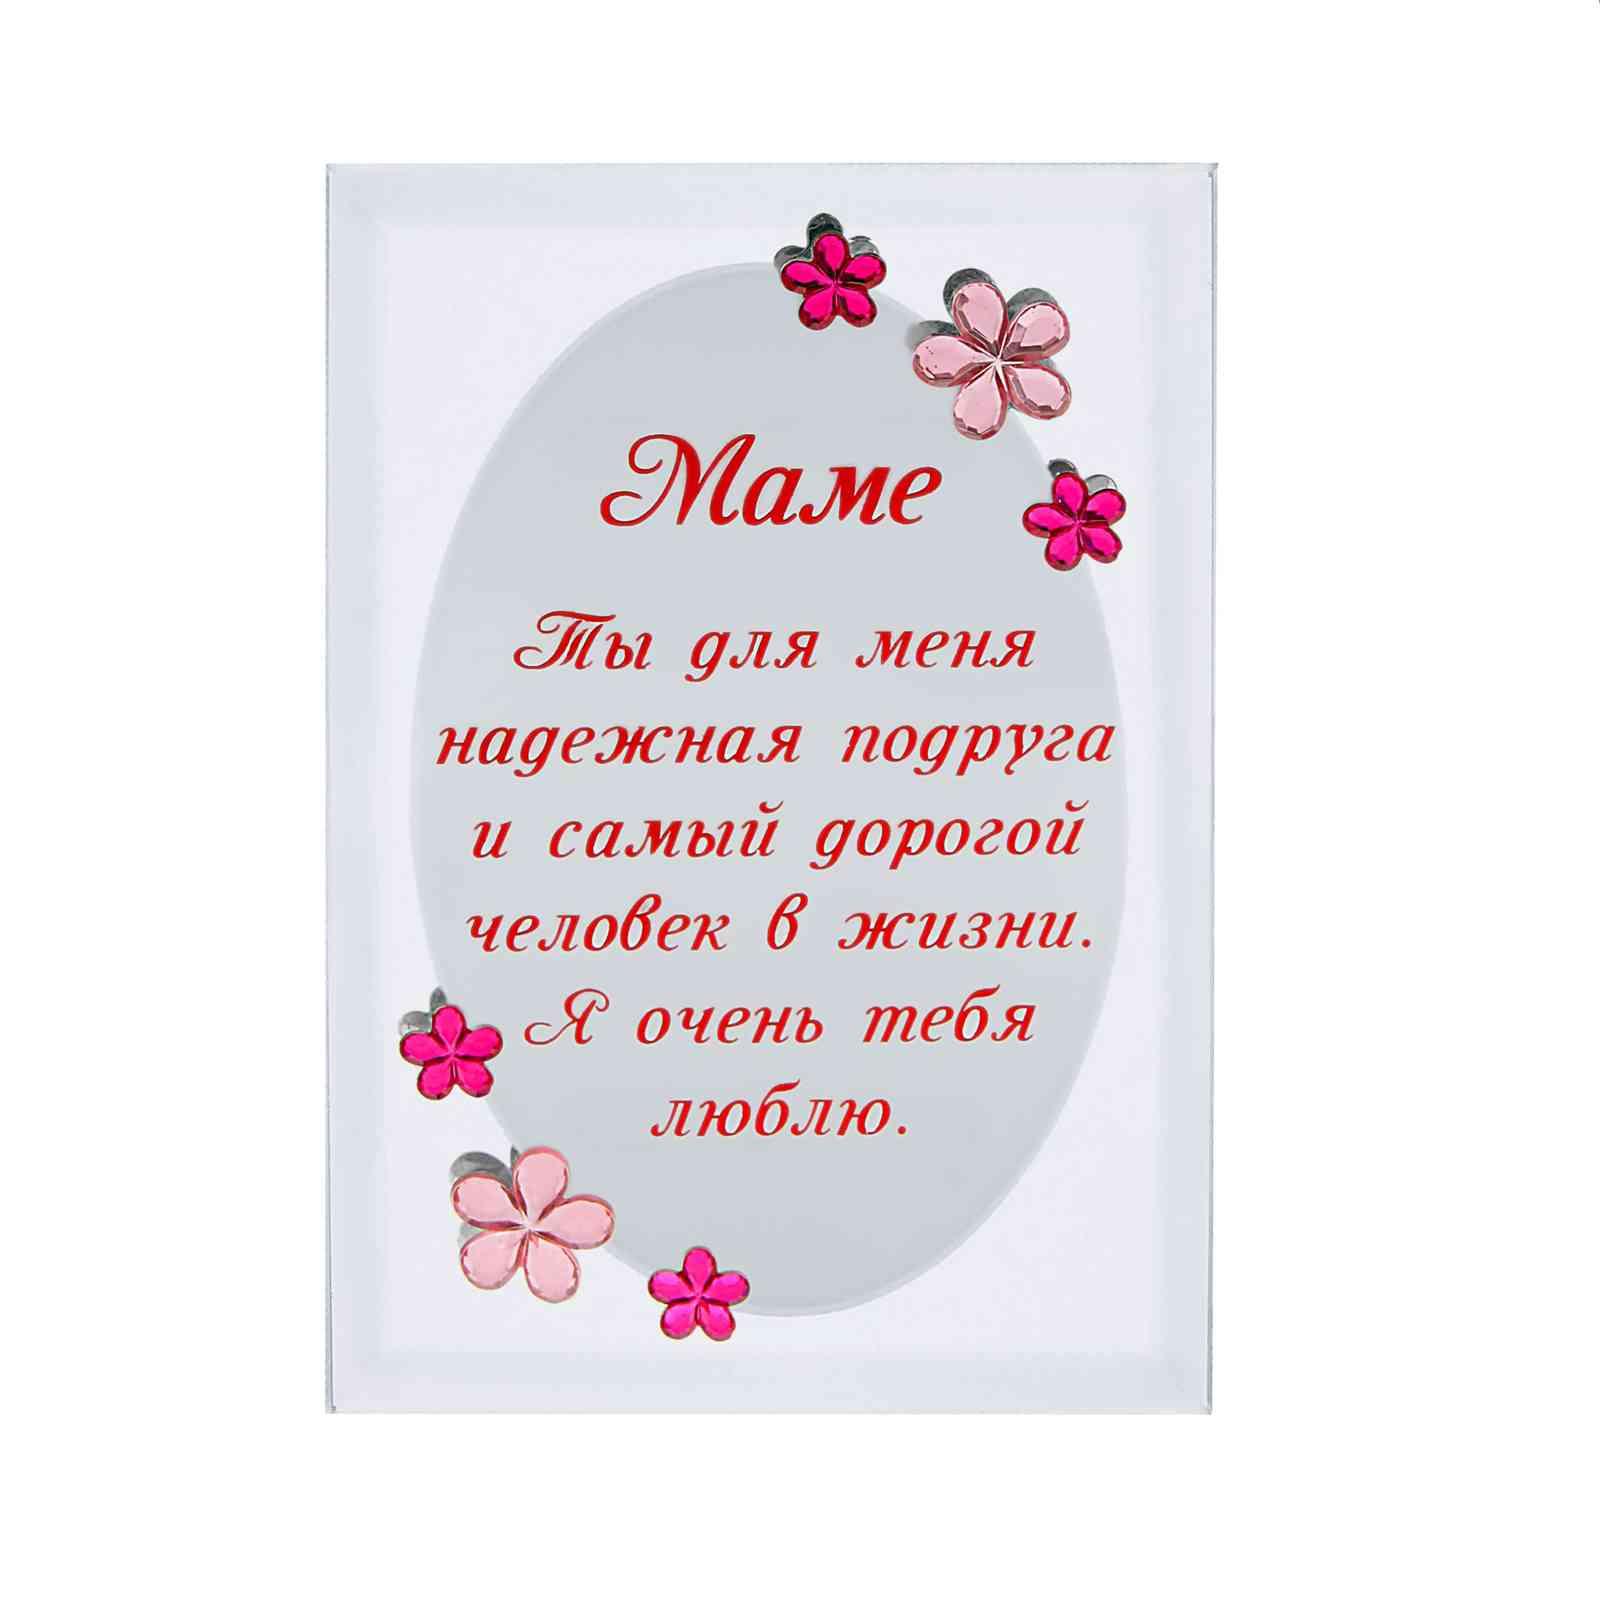 Поздравление маме одной строкой